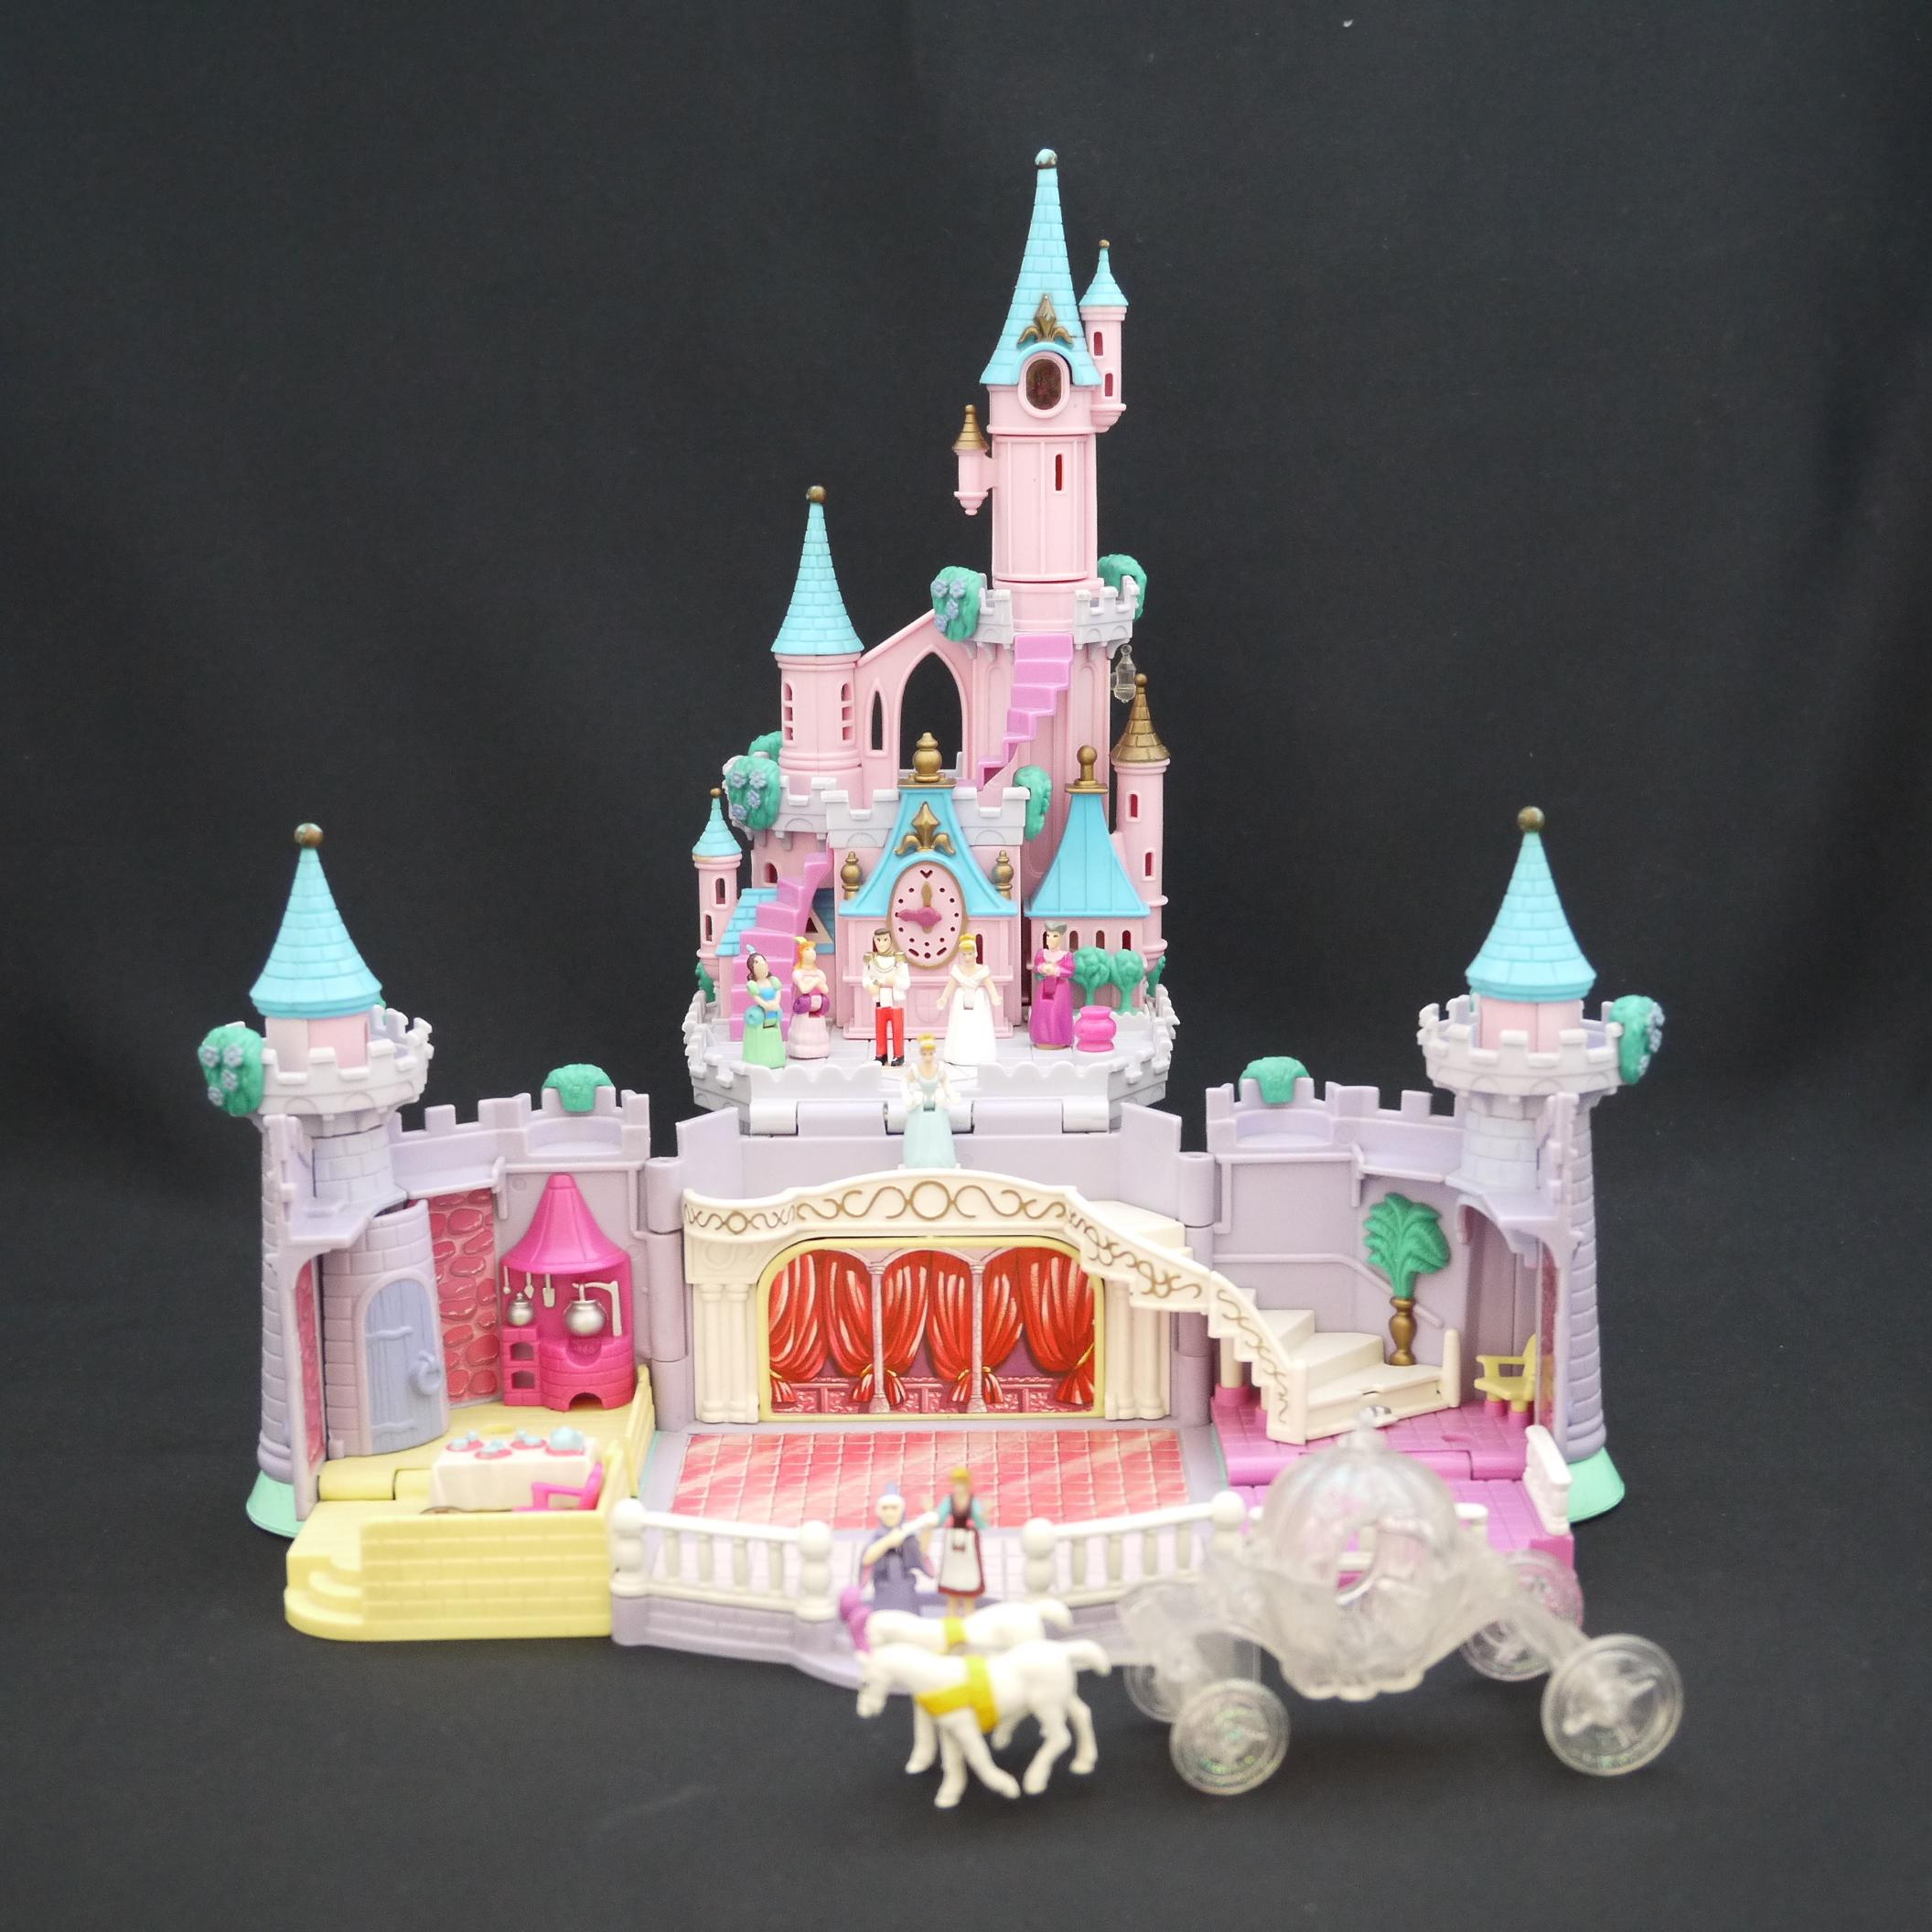 ポーリーポケット ディズニー ライトアップシンデレラ城 完品